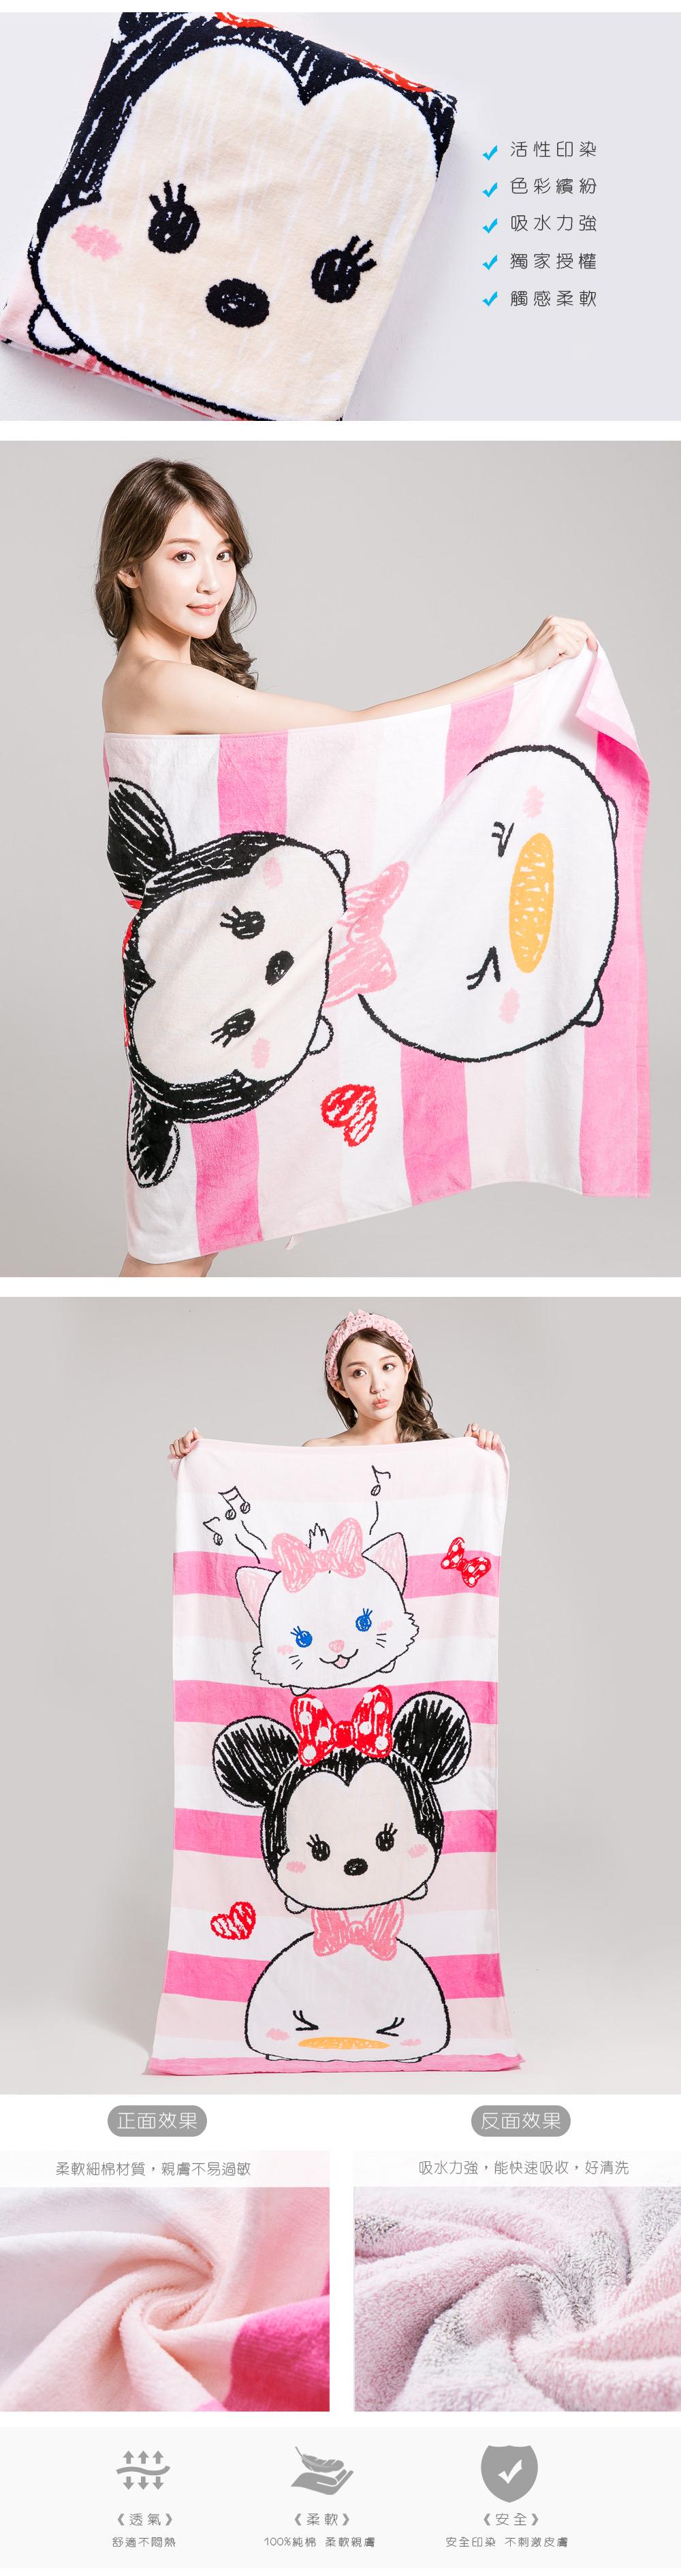 迪士尼Tsum Tsum浴巾-01